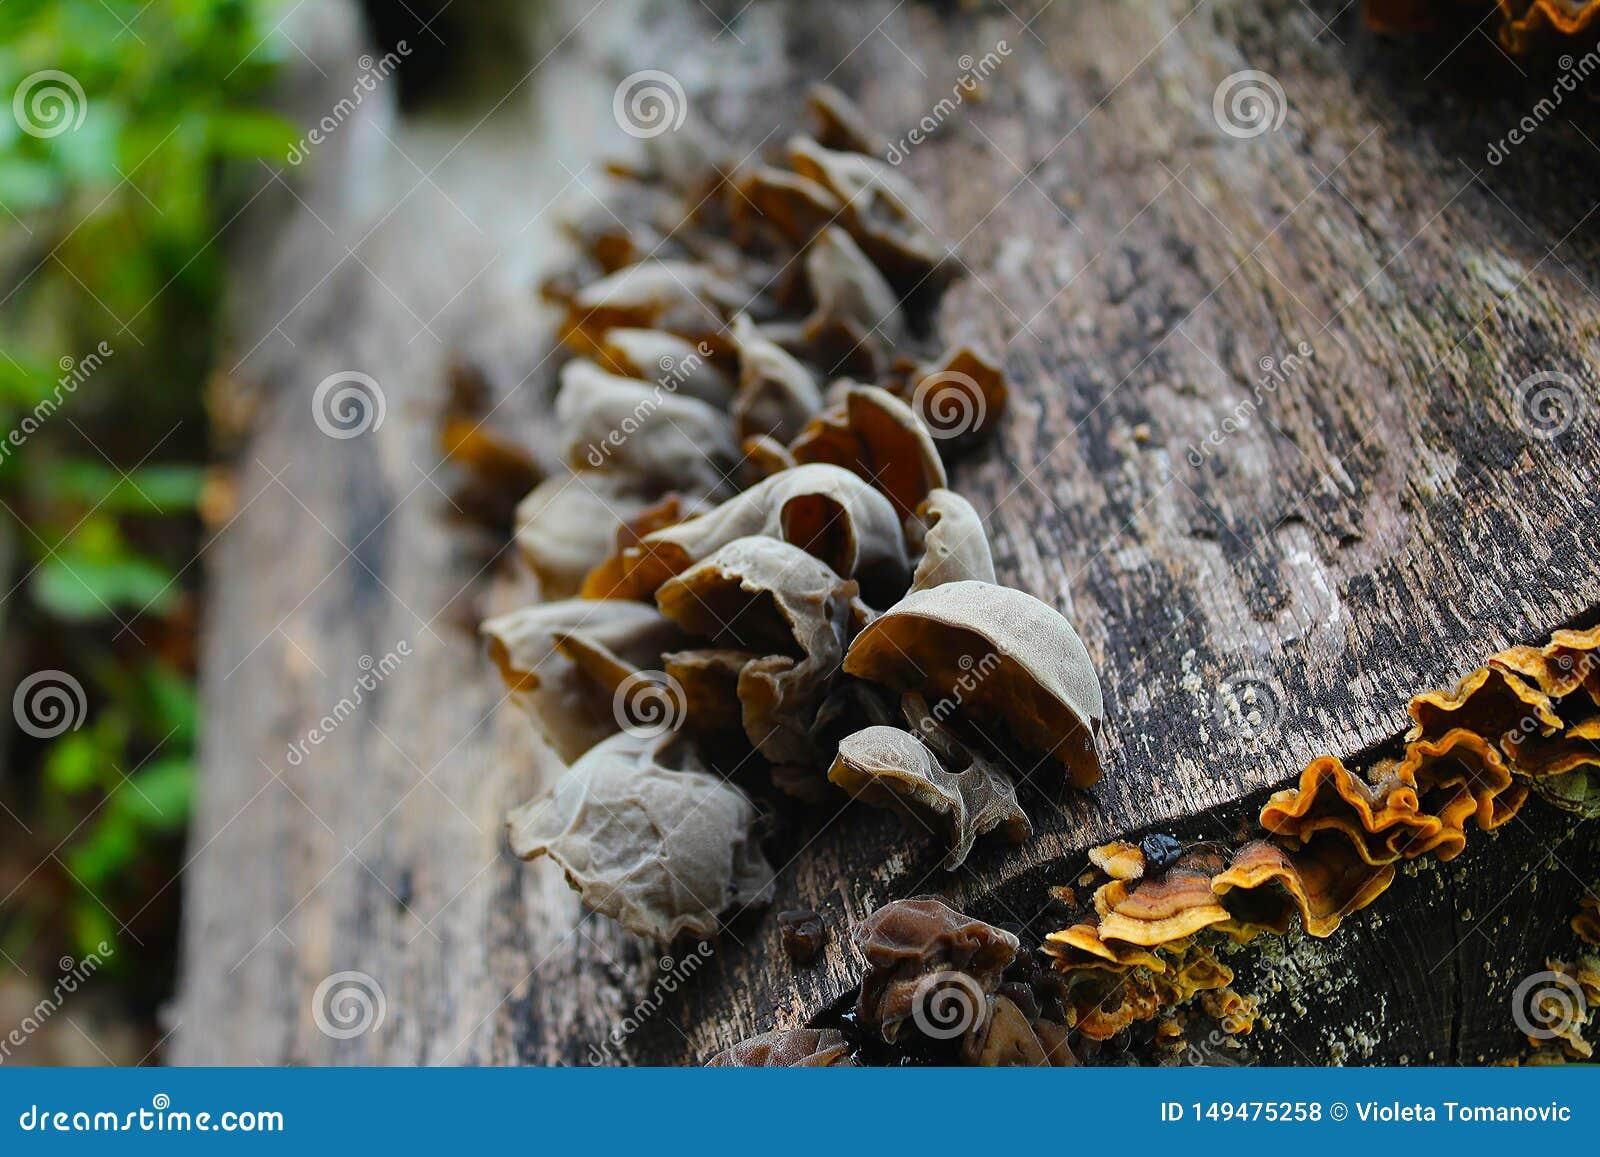 耳状幼虫耳状报春花judae,叫作犹太人的耳朵,木耳朵,在蜂房的果冻耳朵,可食的蘑菇,宏观摄影